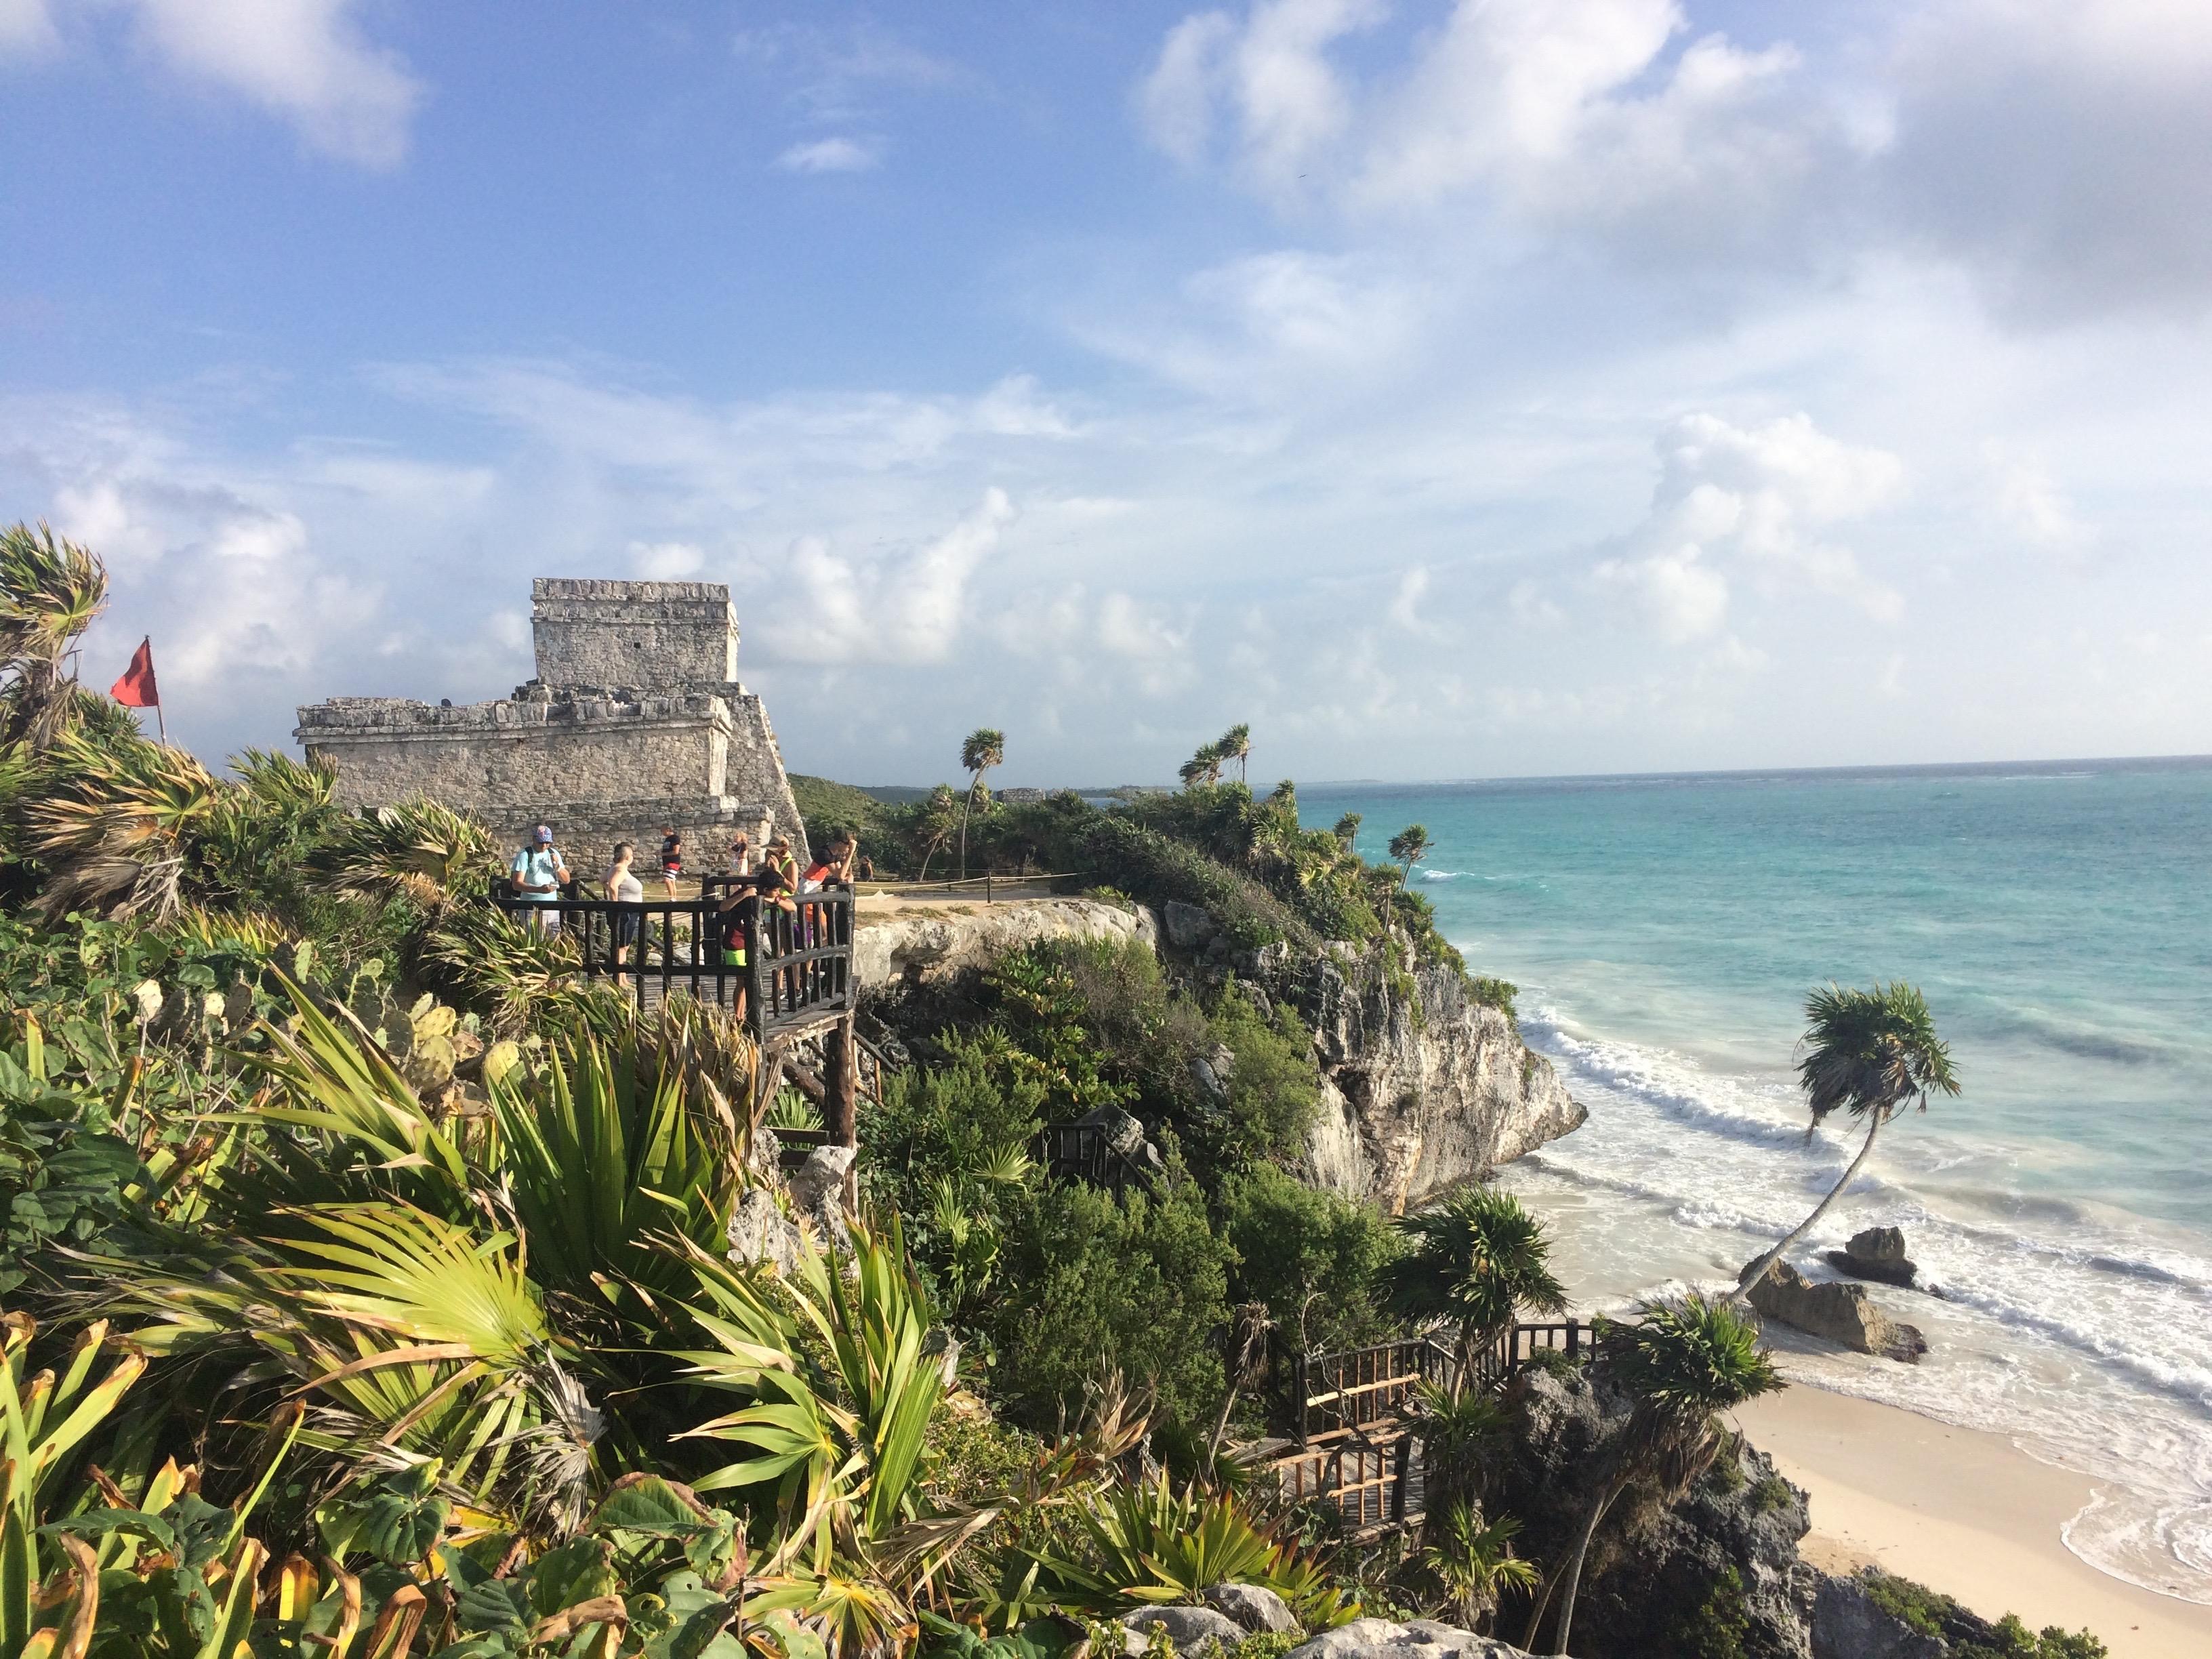 Über einer kleinen Bucht mit Strand thront ein Maya Ruine, die von Palmen umgeben ist.